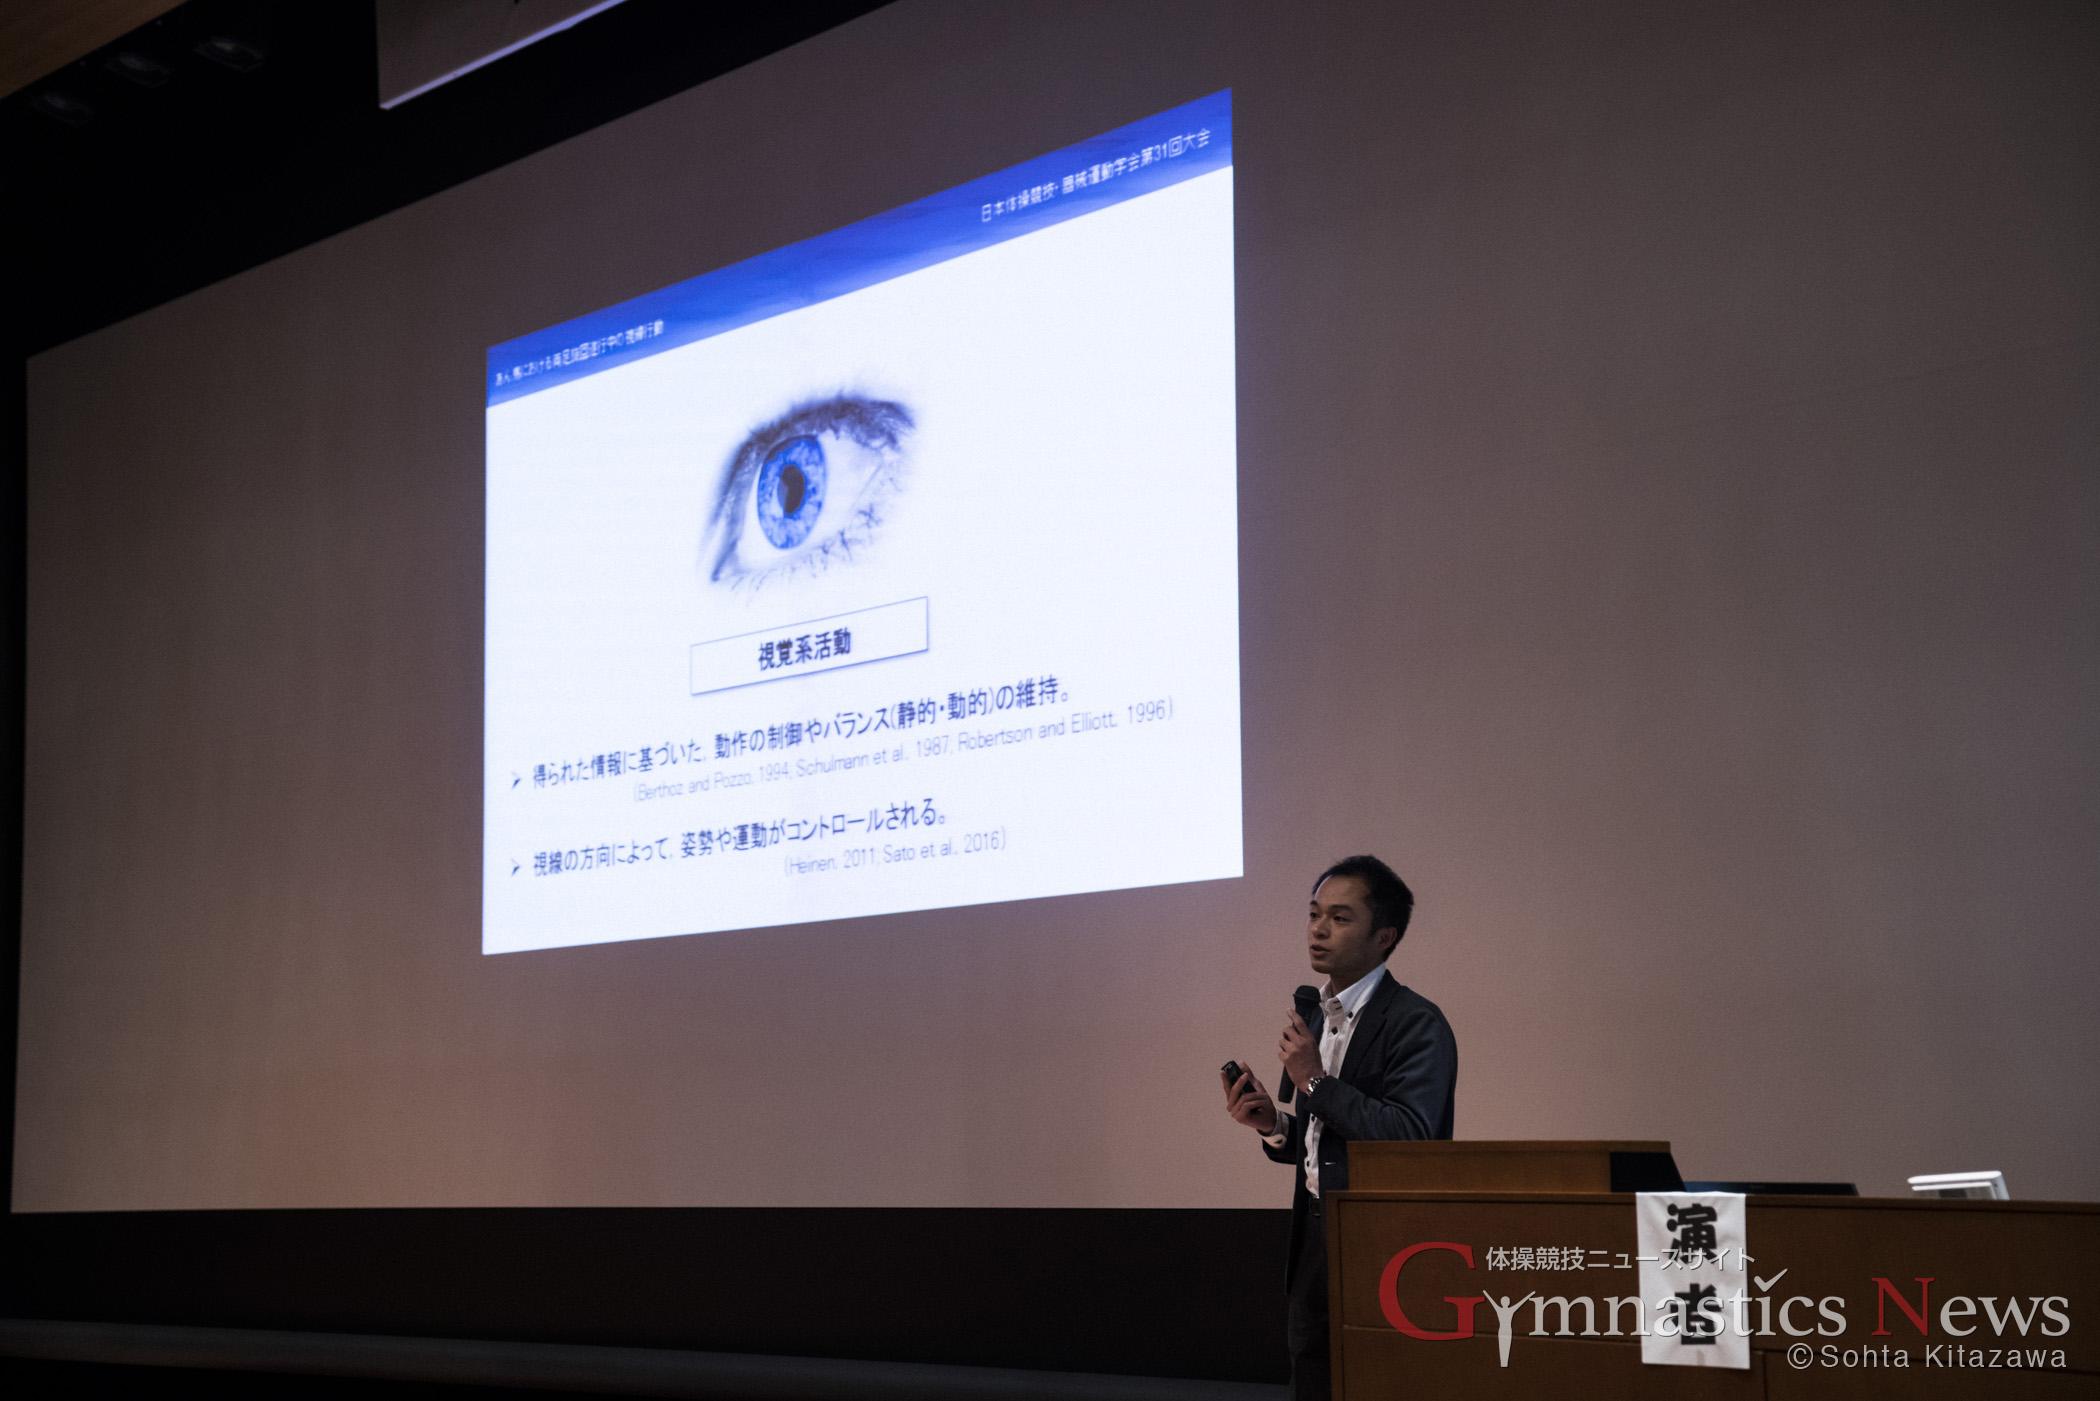 佐藤佑介の「あん馬における両足旋回遂行中の視線移動」研究発表